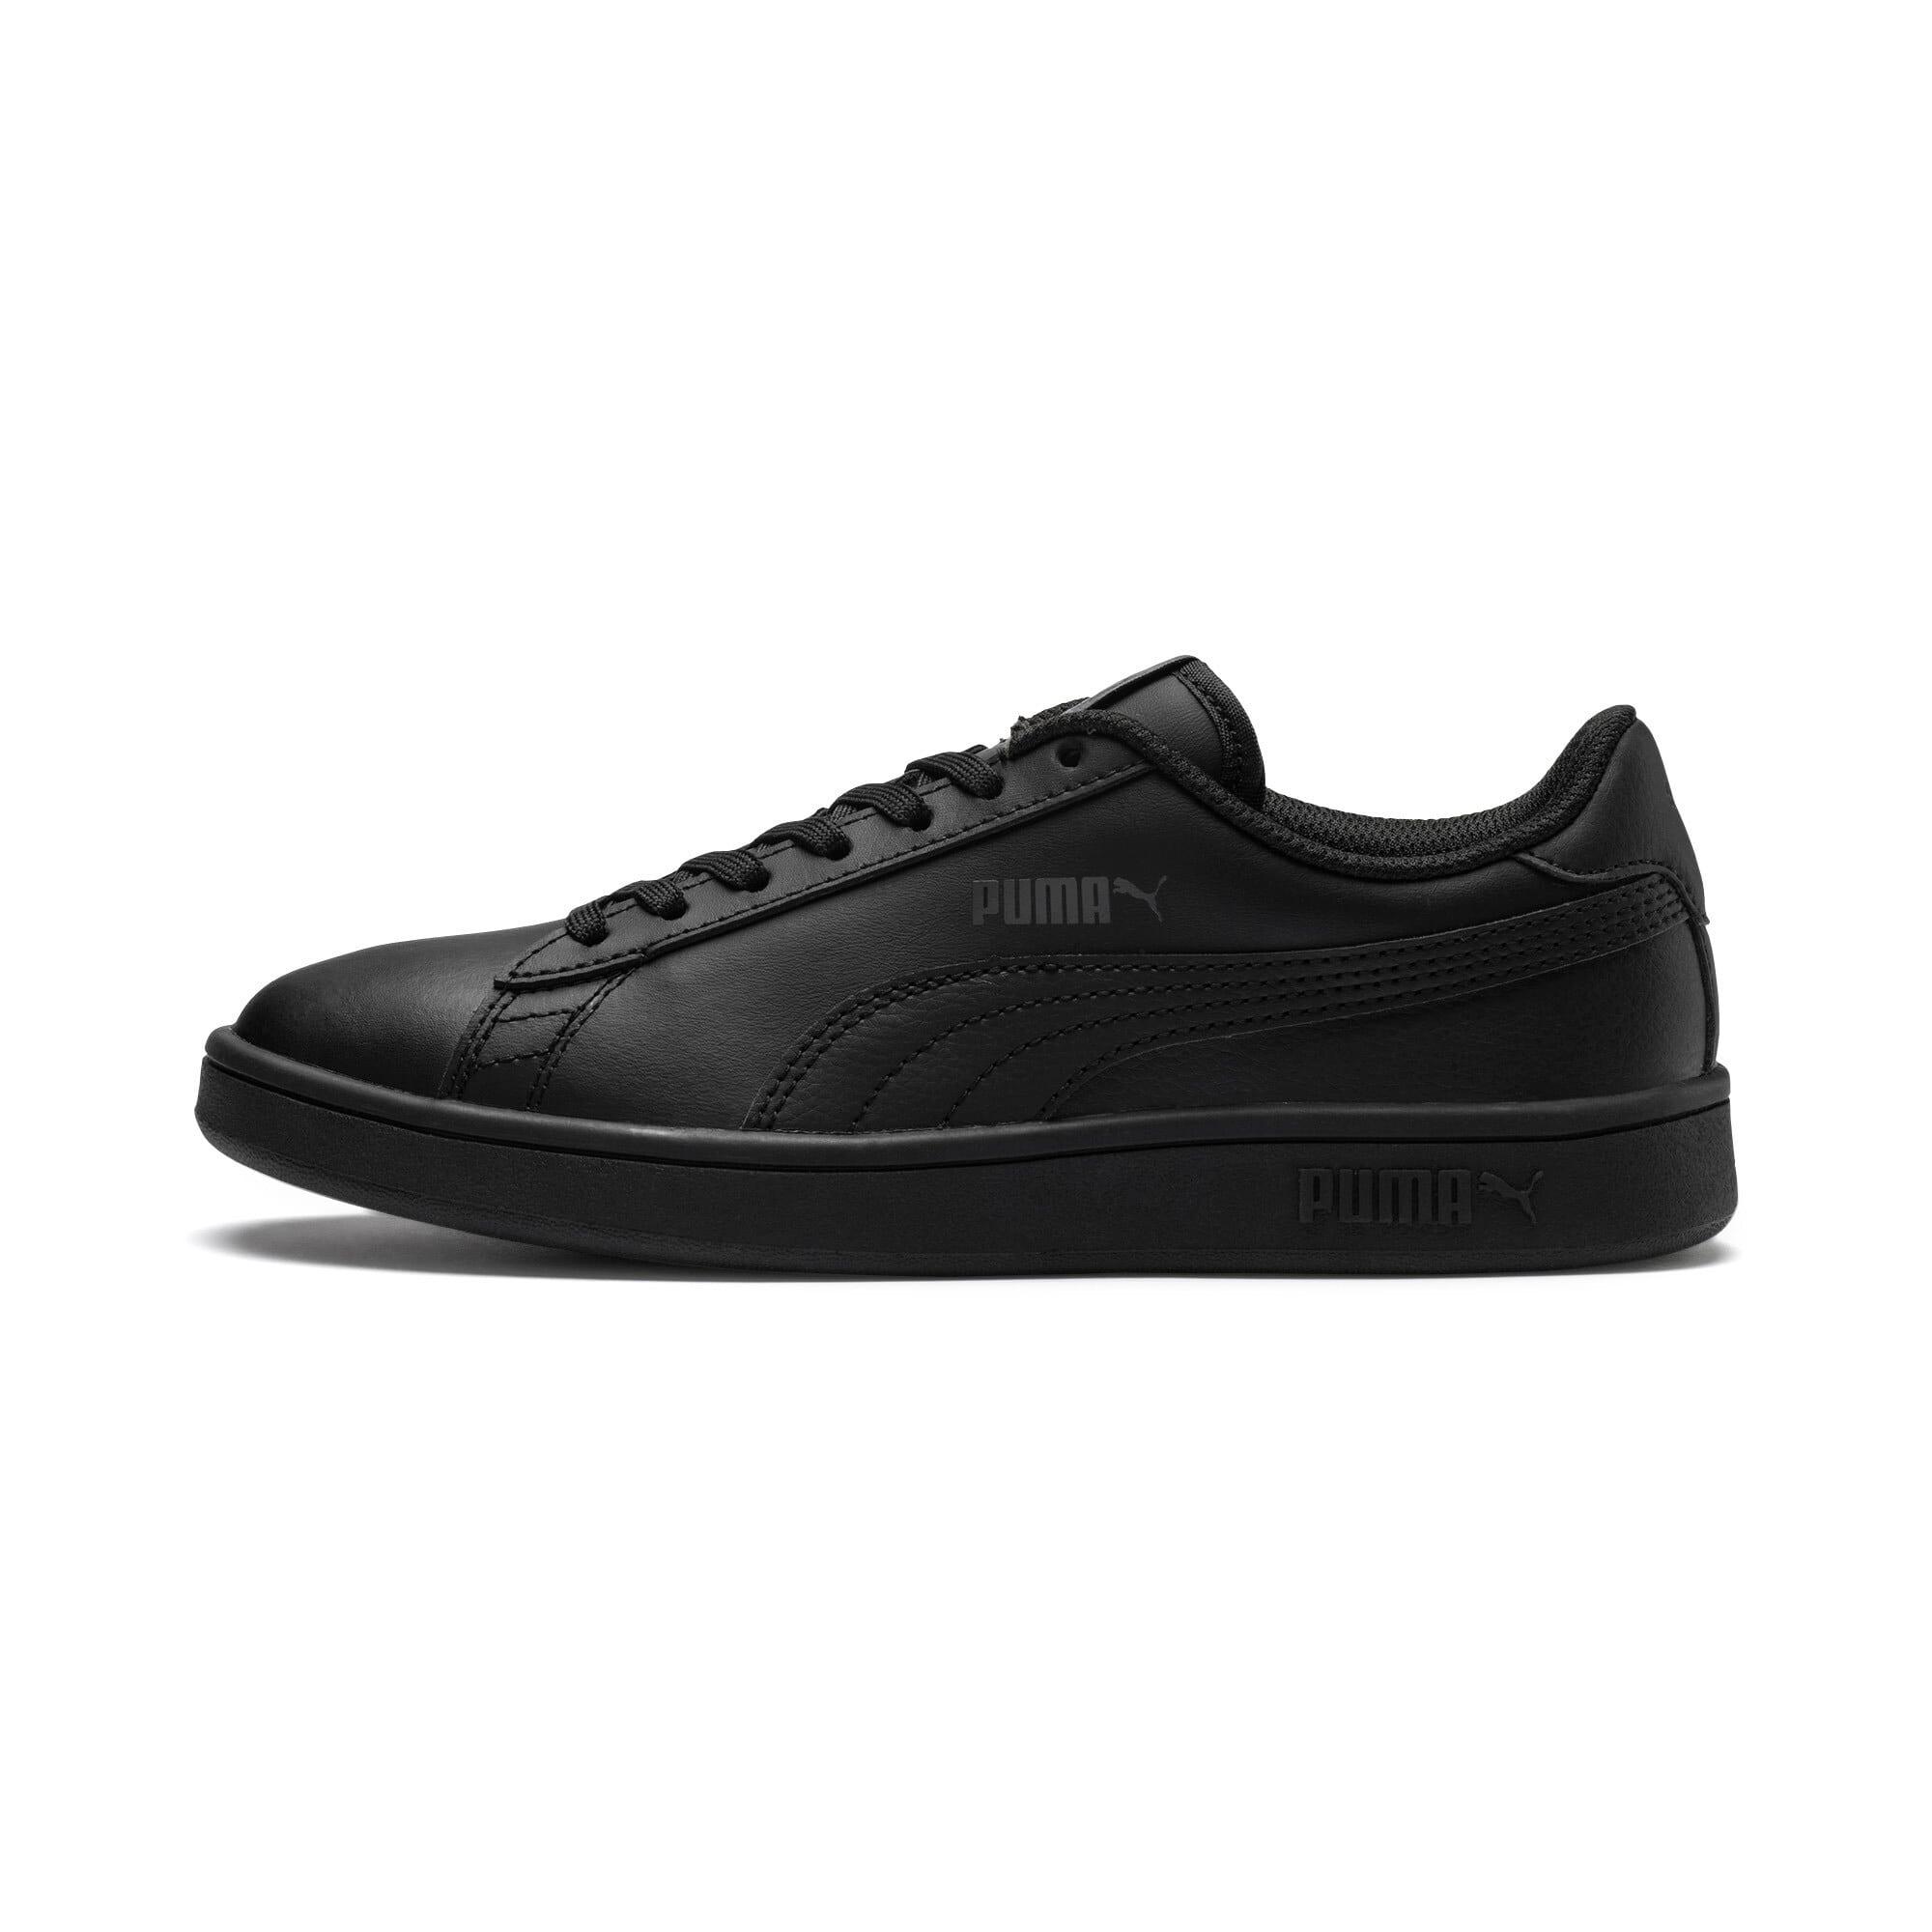 Thumbnail 1 of PUMA Smash v2 Youth Sneaker, Puma Black-Puma Black, medium